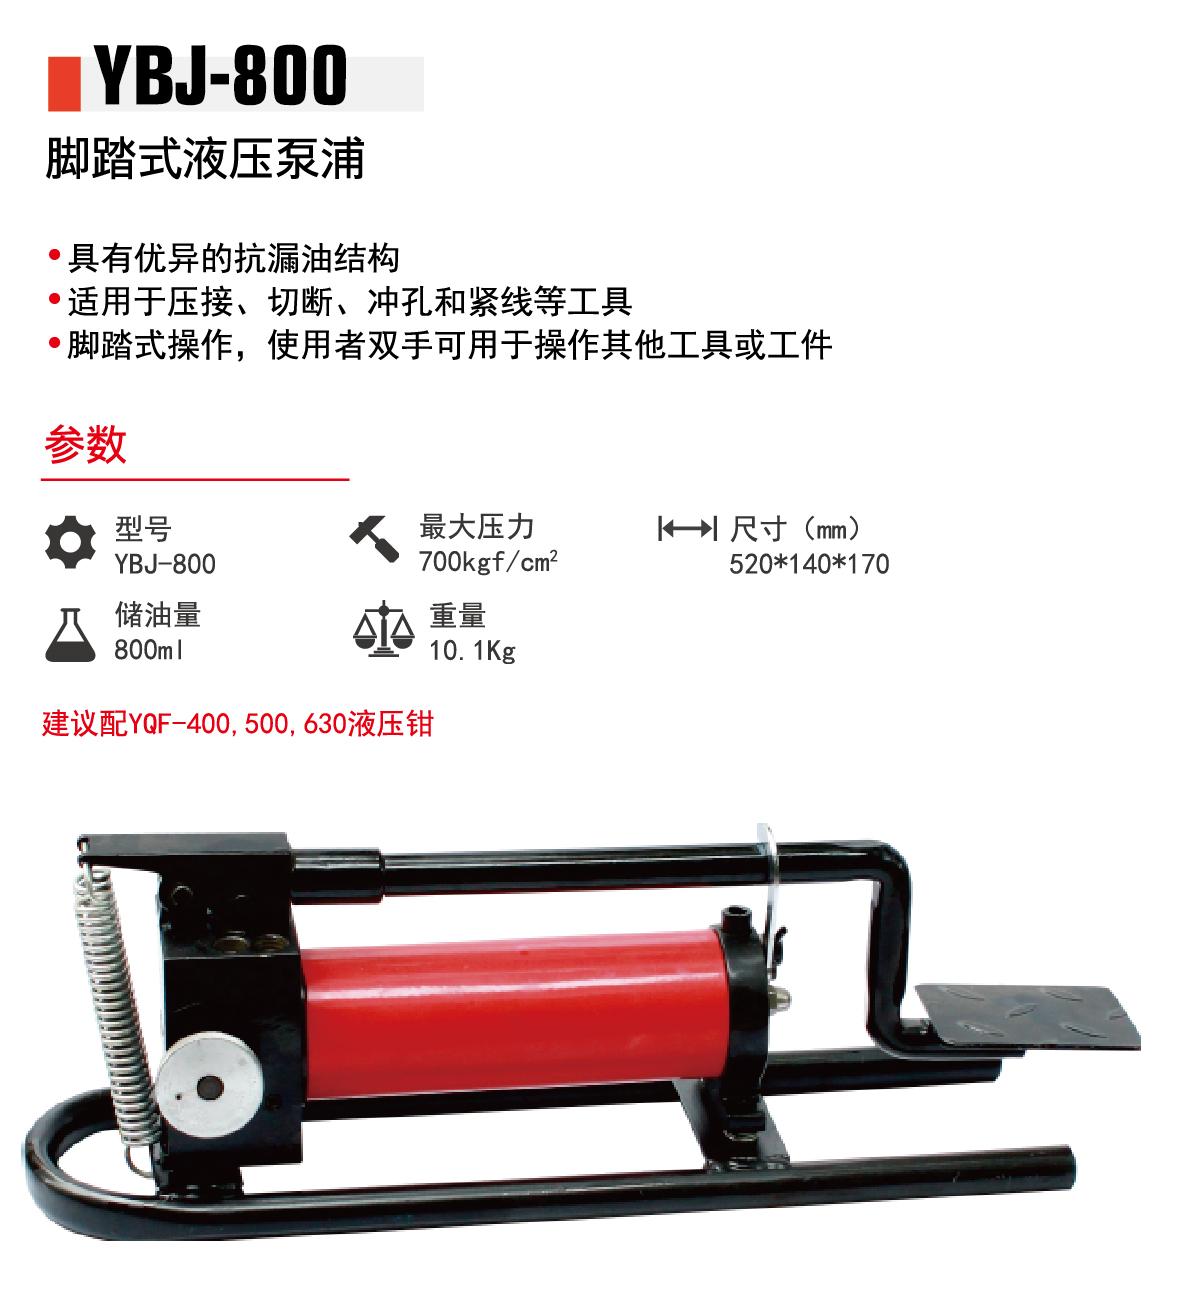 YBJ-800.png